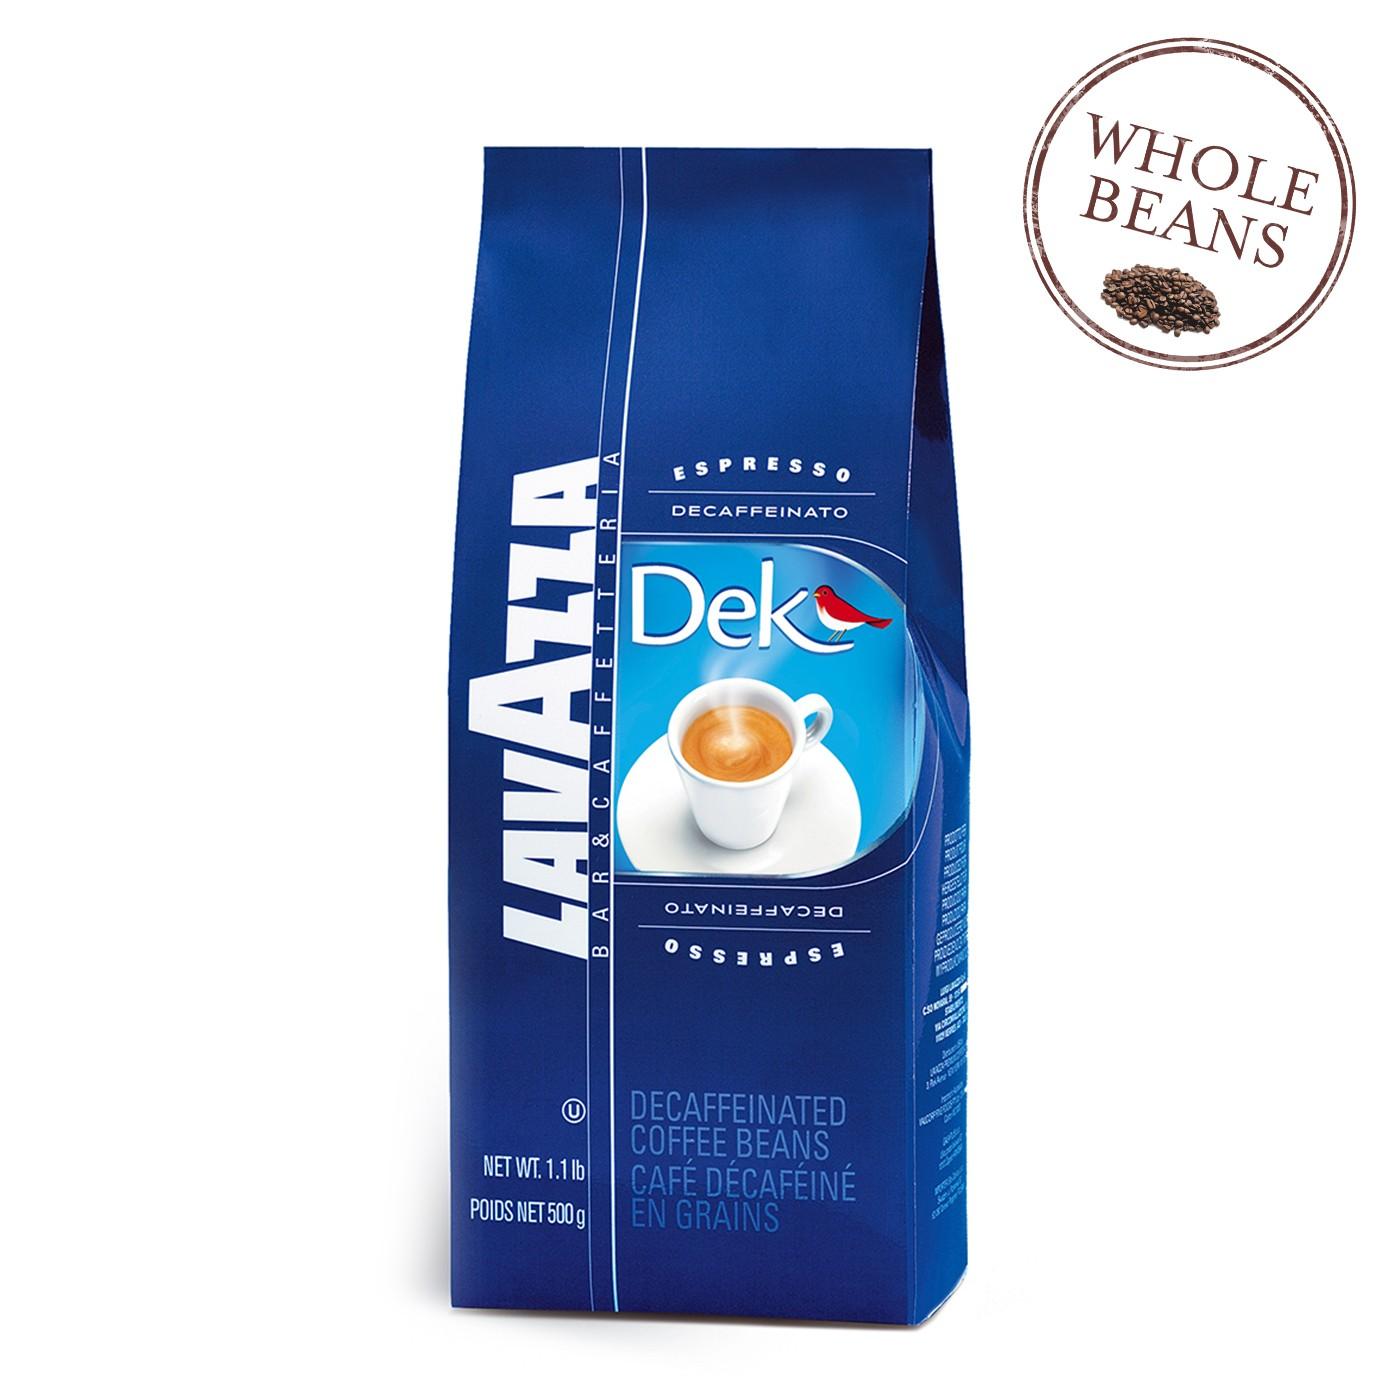 Dek Decaf Coffee 1.1LB